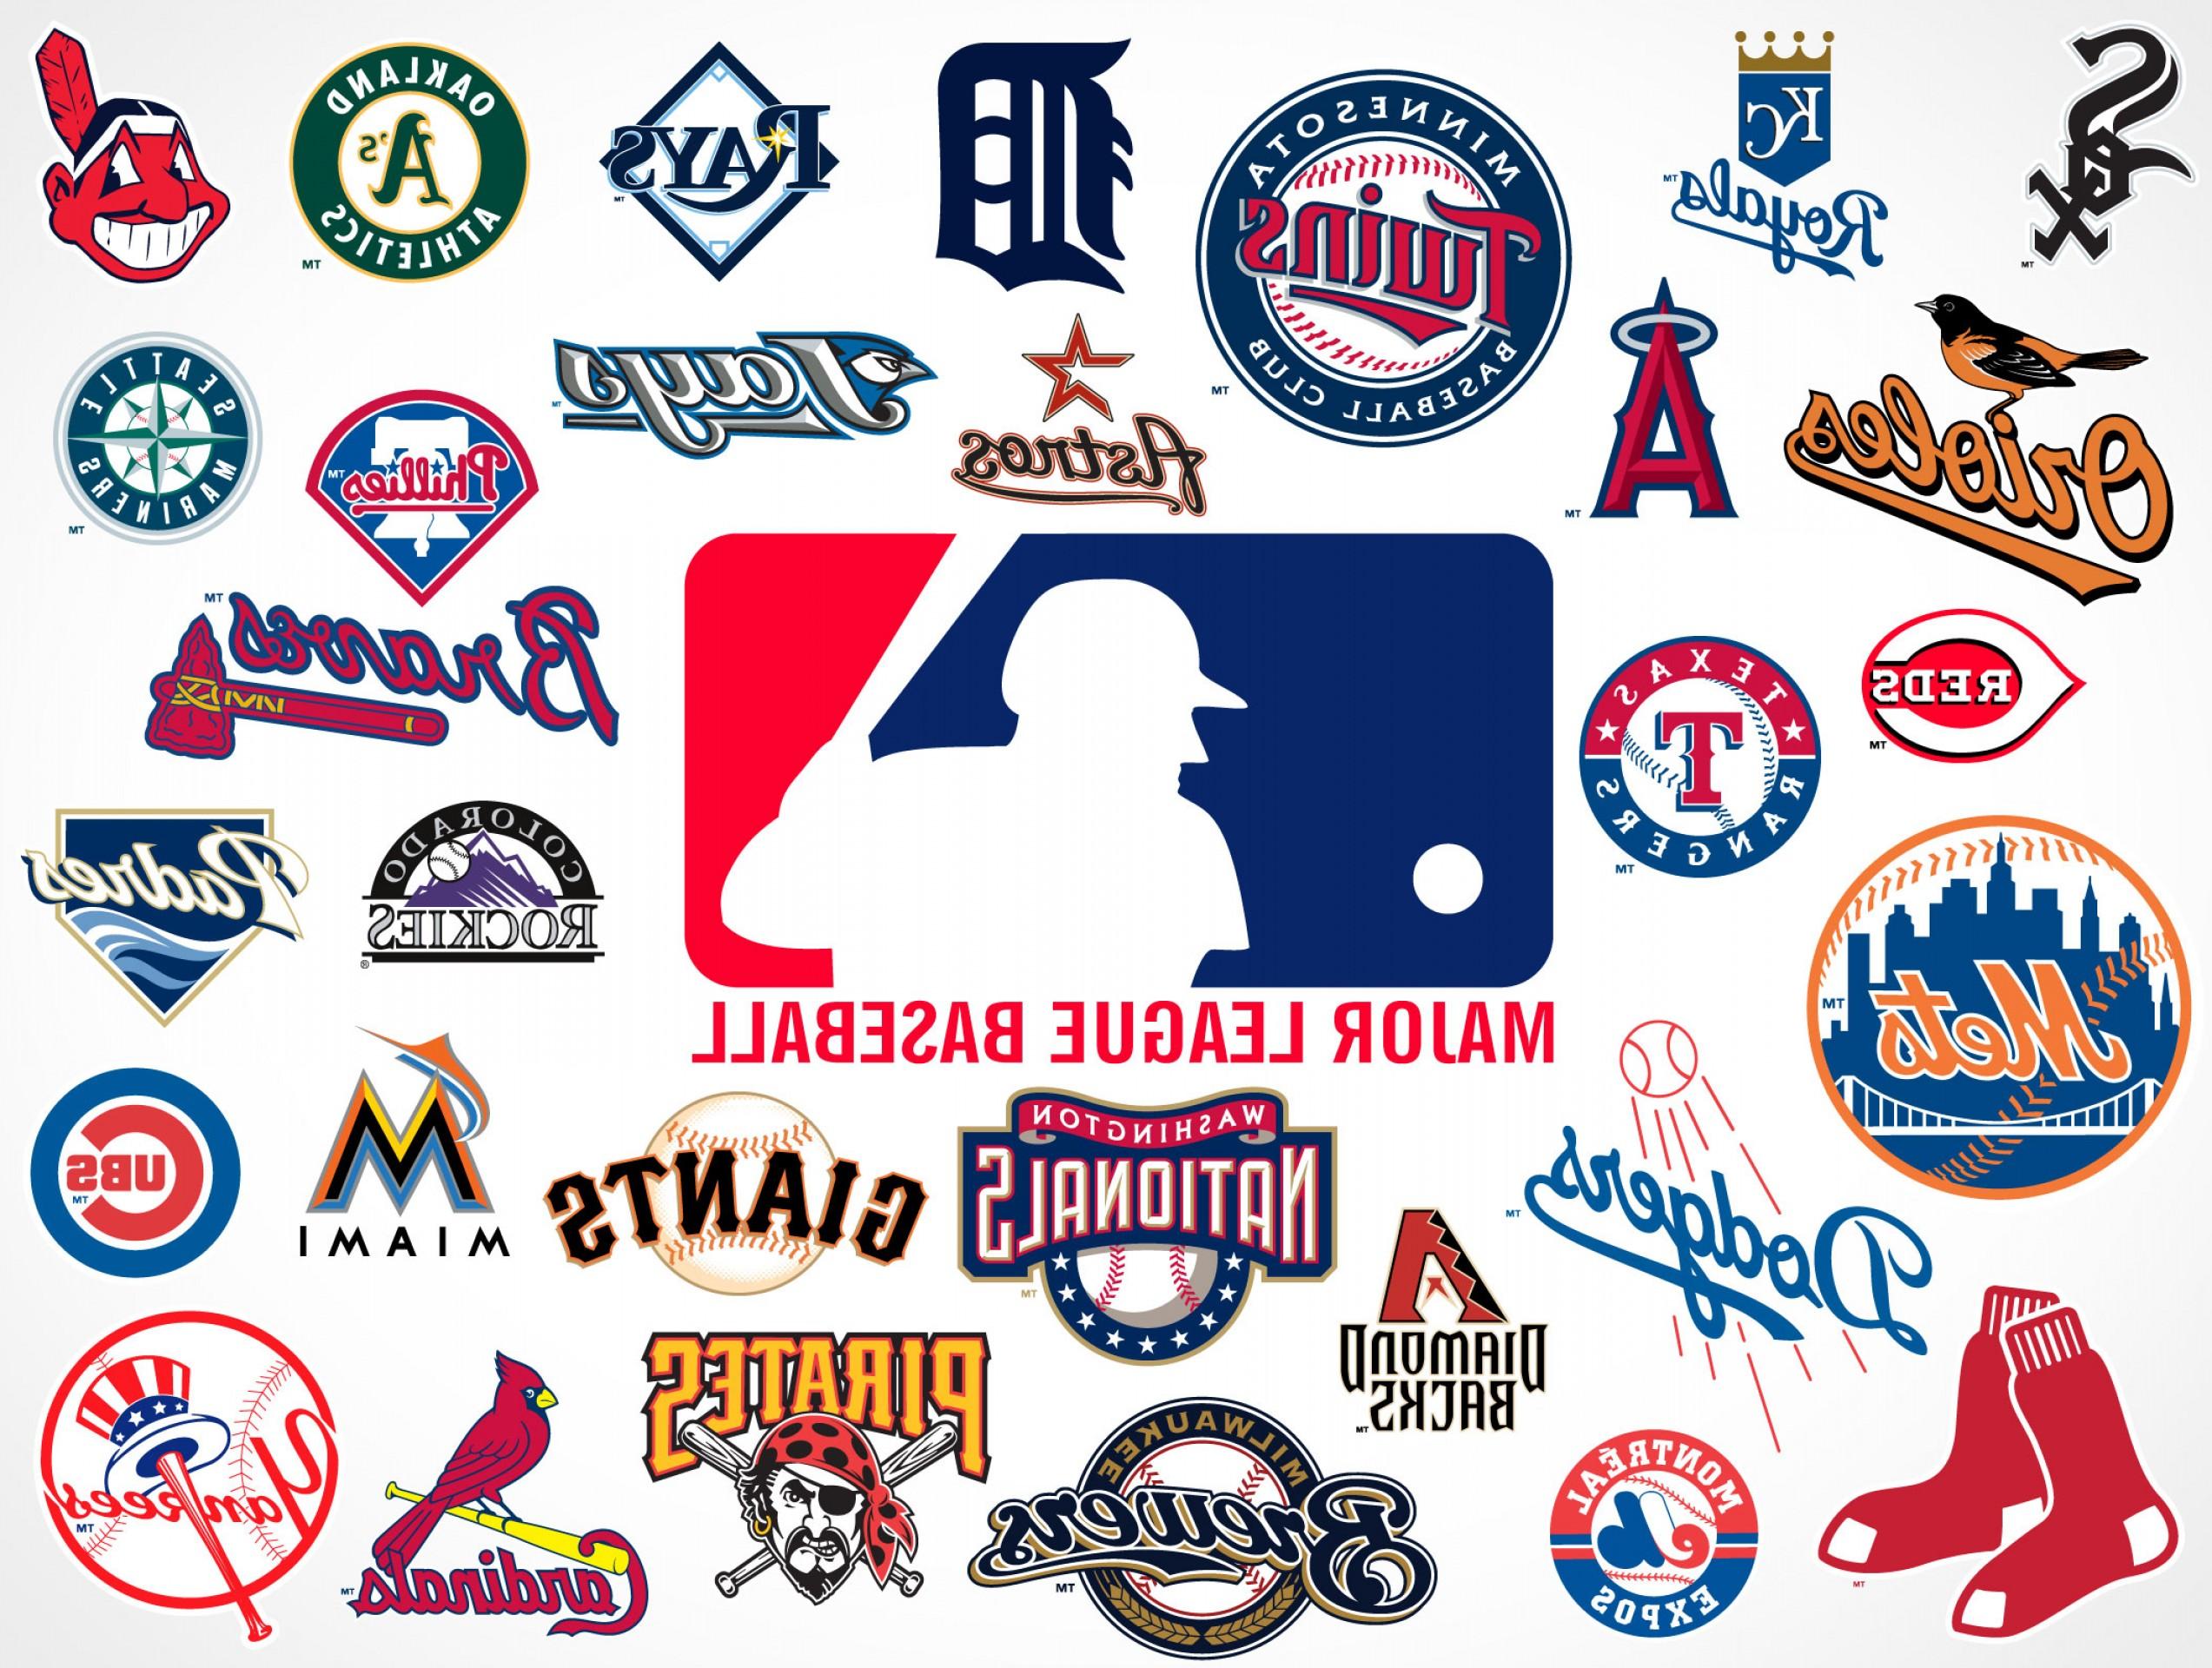 Major League Baseball Team Vector Logos Eps Svg Psd.